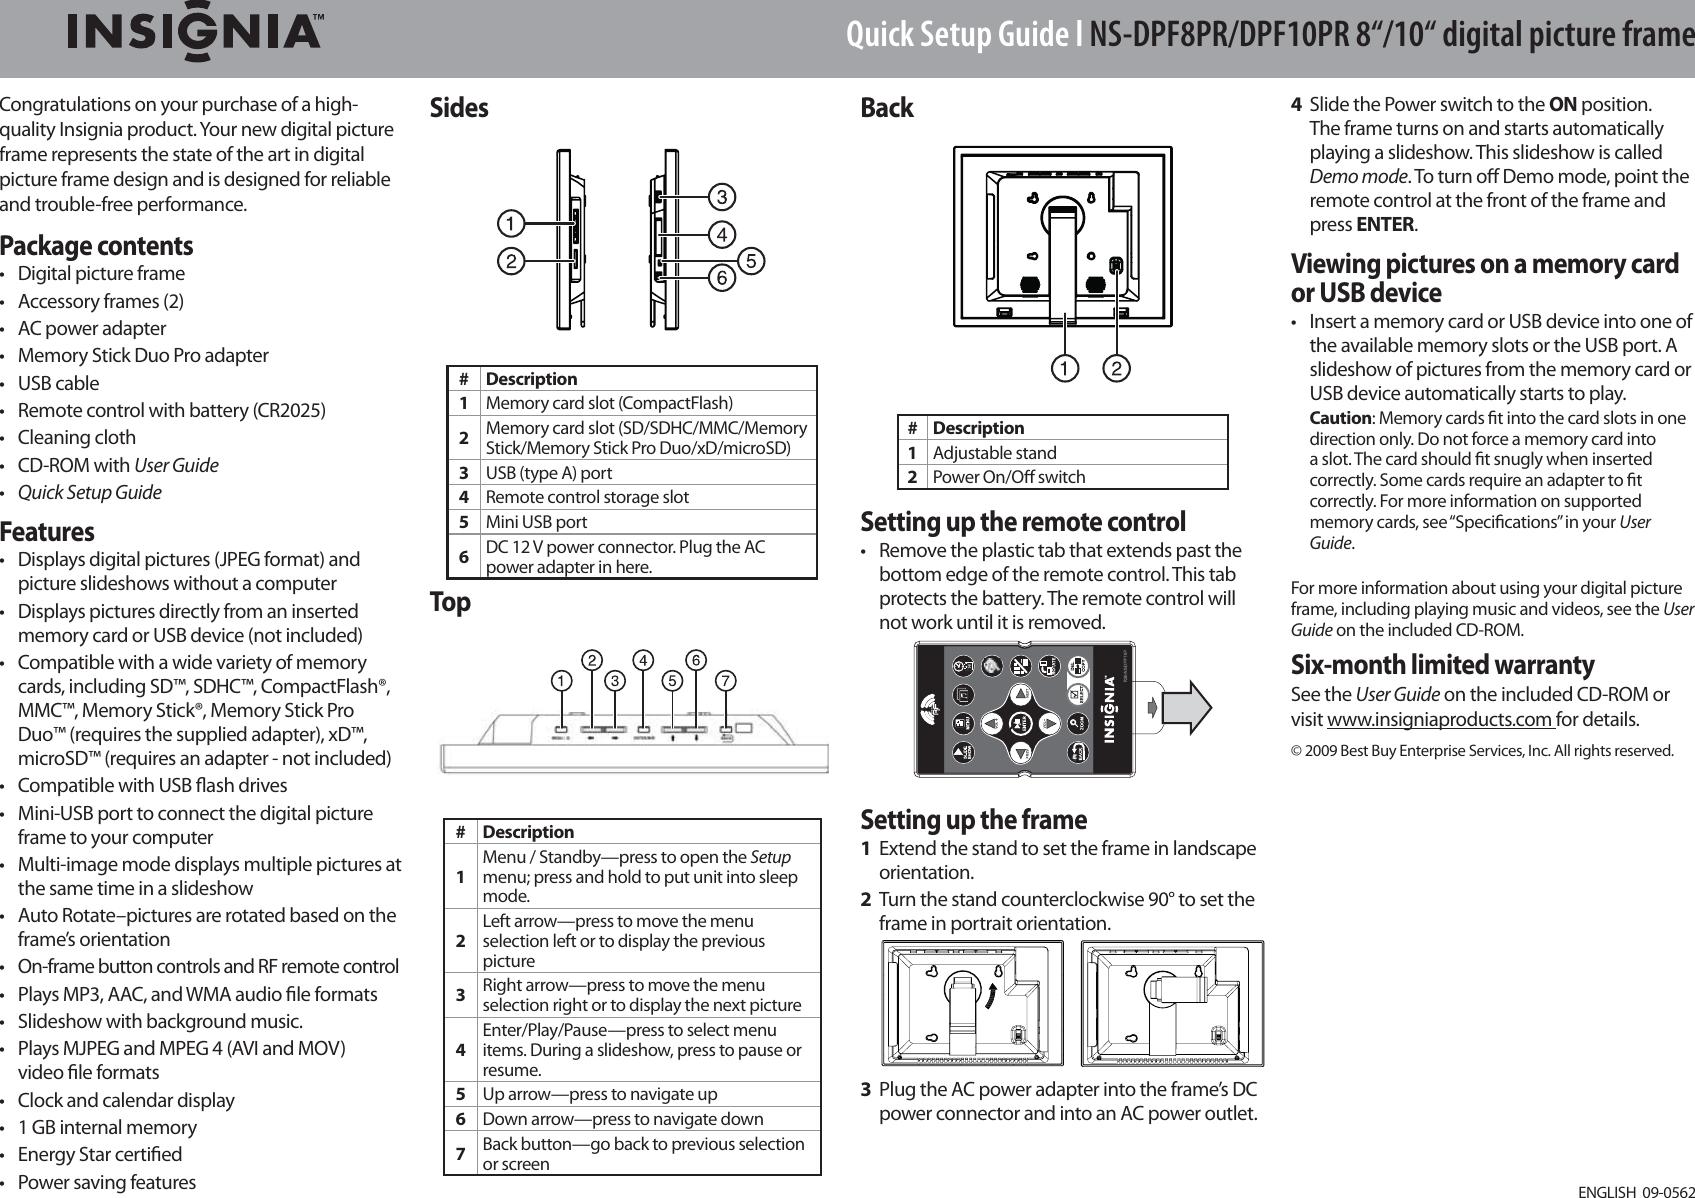 Insignia Ns Dpf10Pr Users Manual DPF8PR DPF10PR_09 0562_QSG_V1_EN